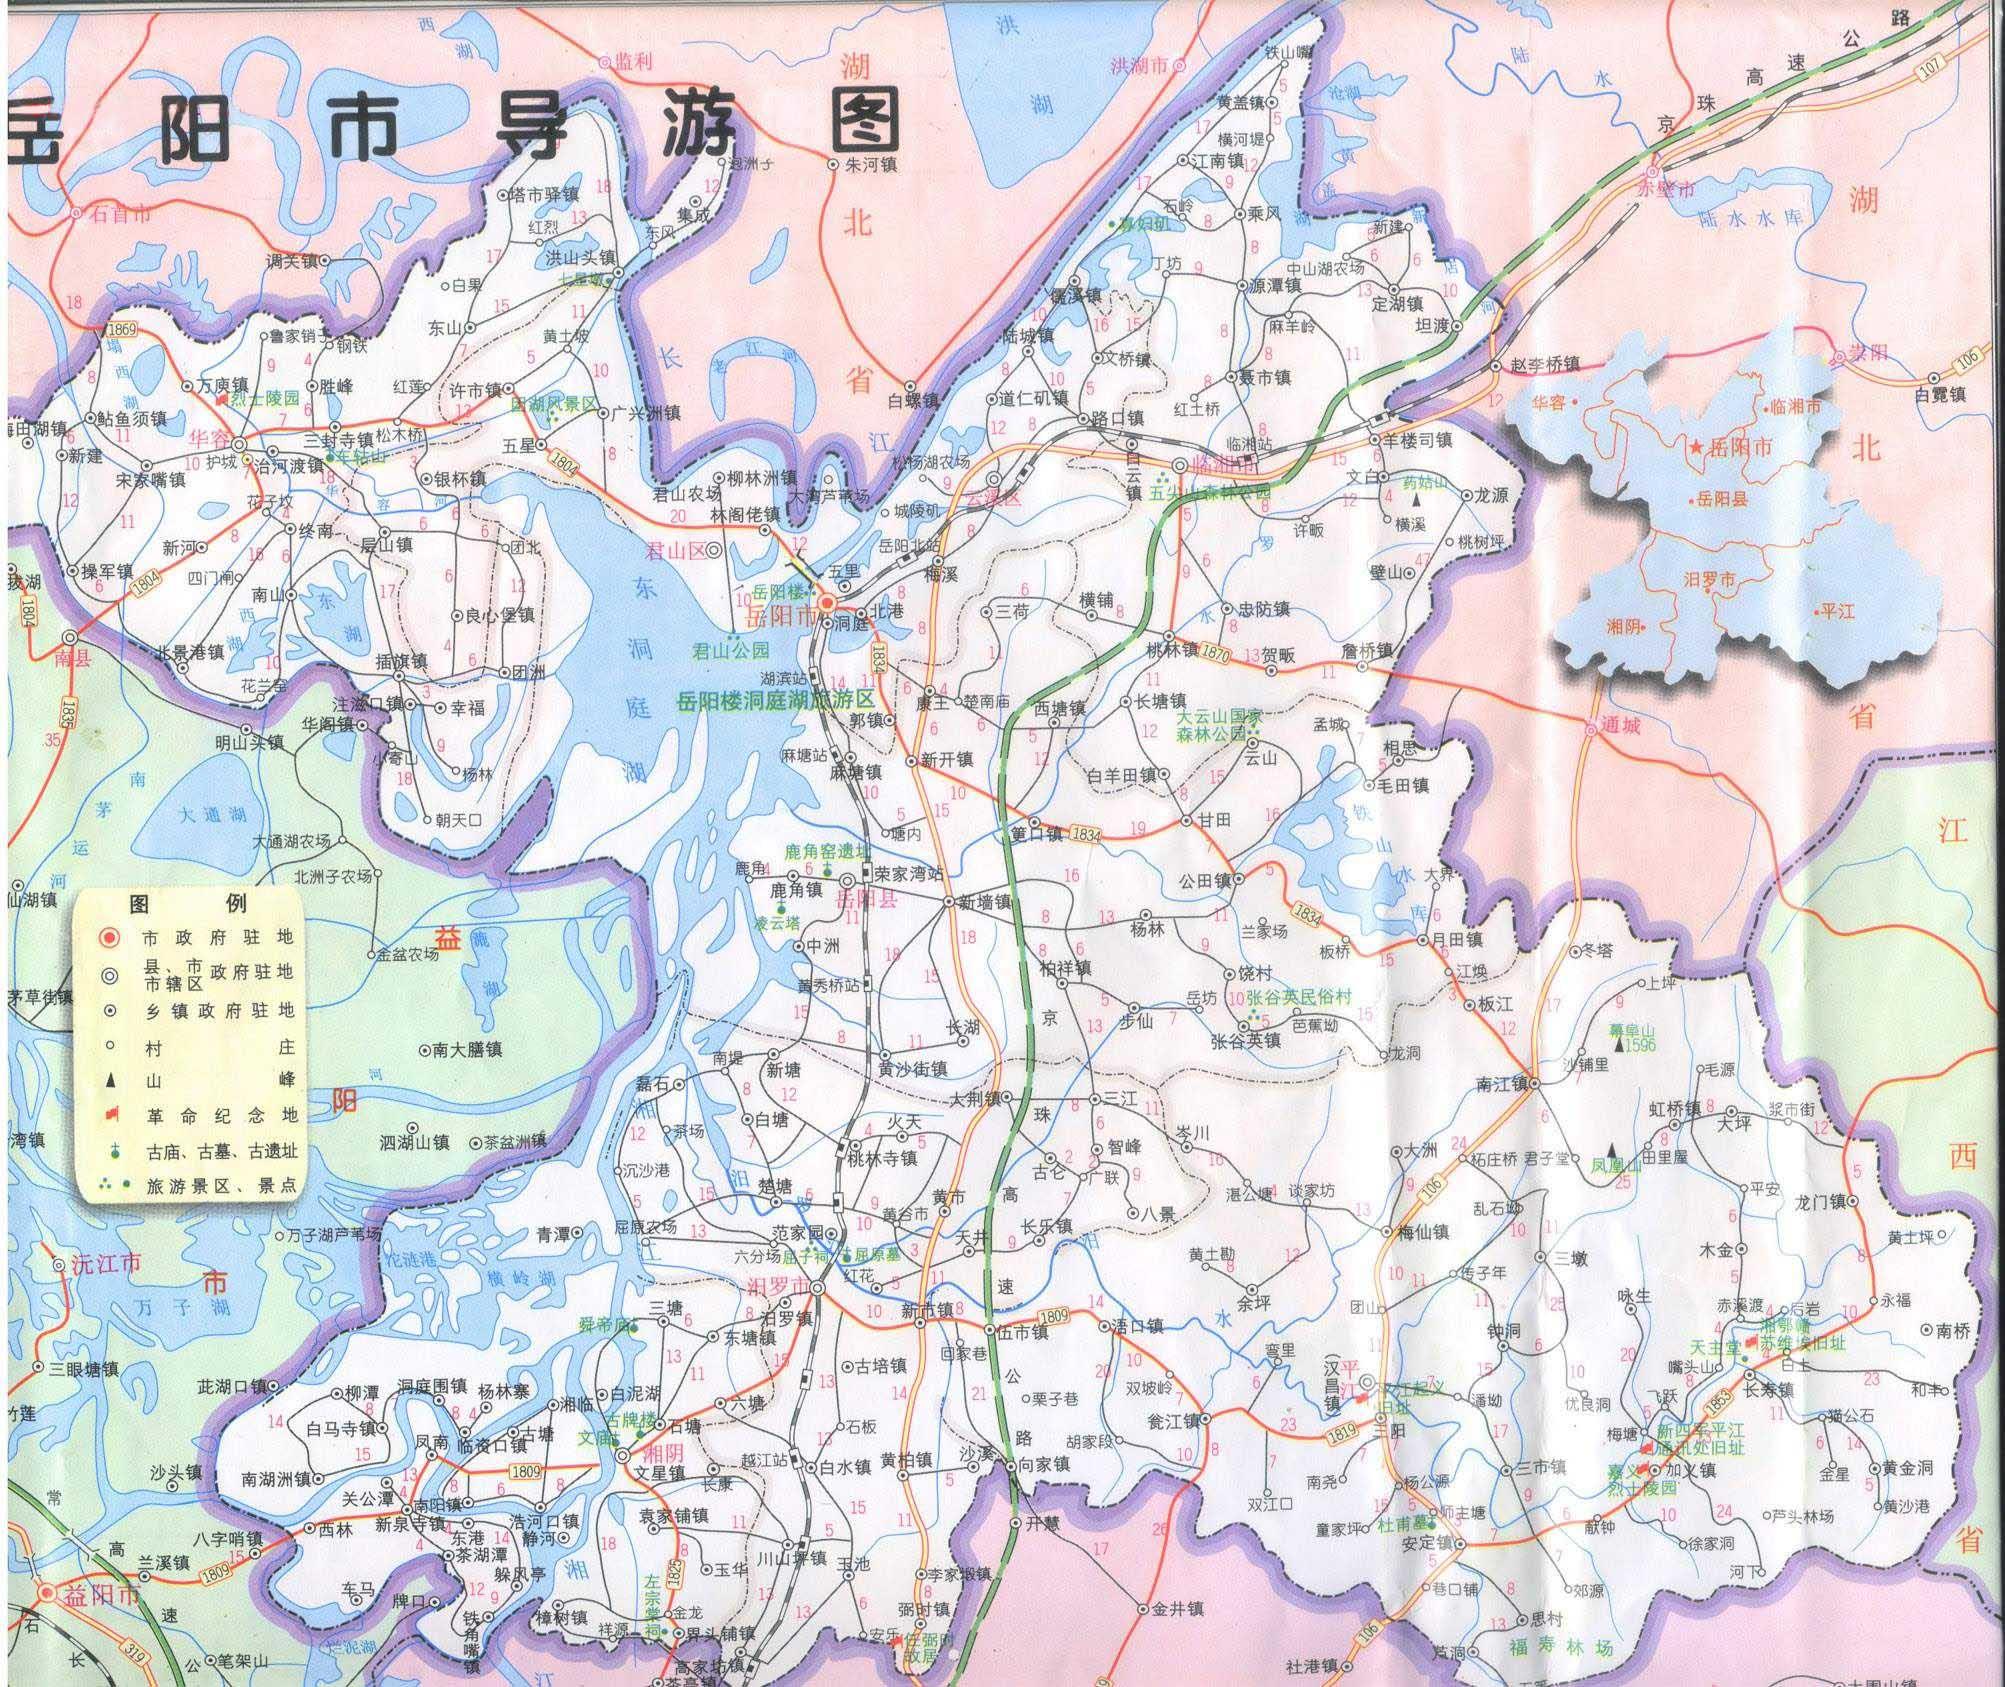 中国的第二大淡水湖是洞庭湖